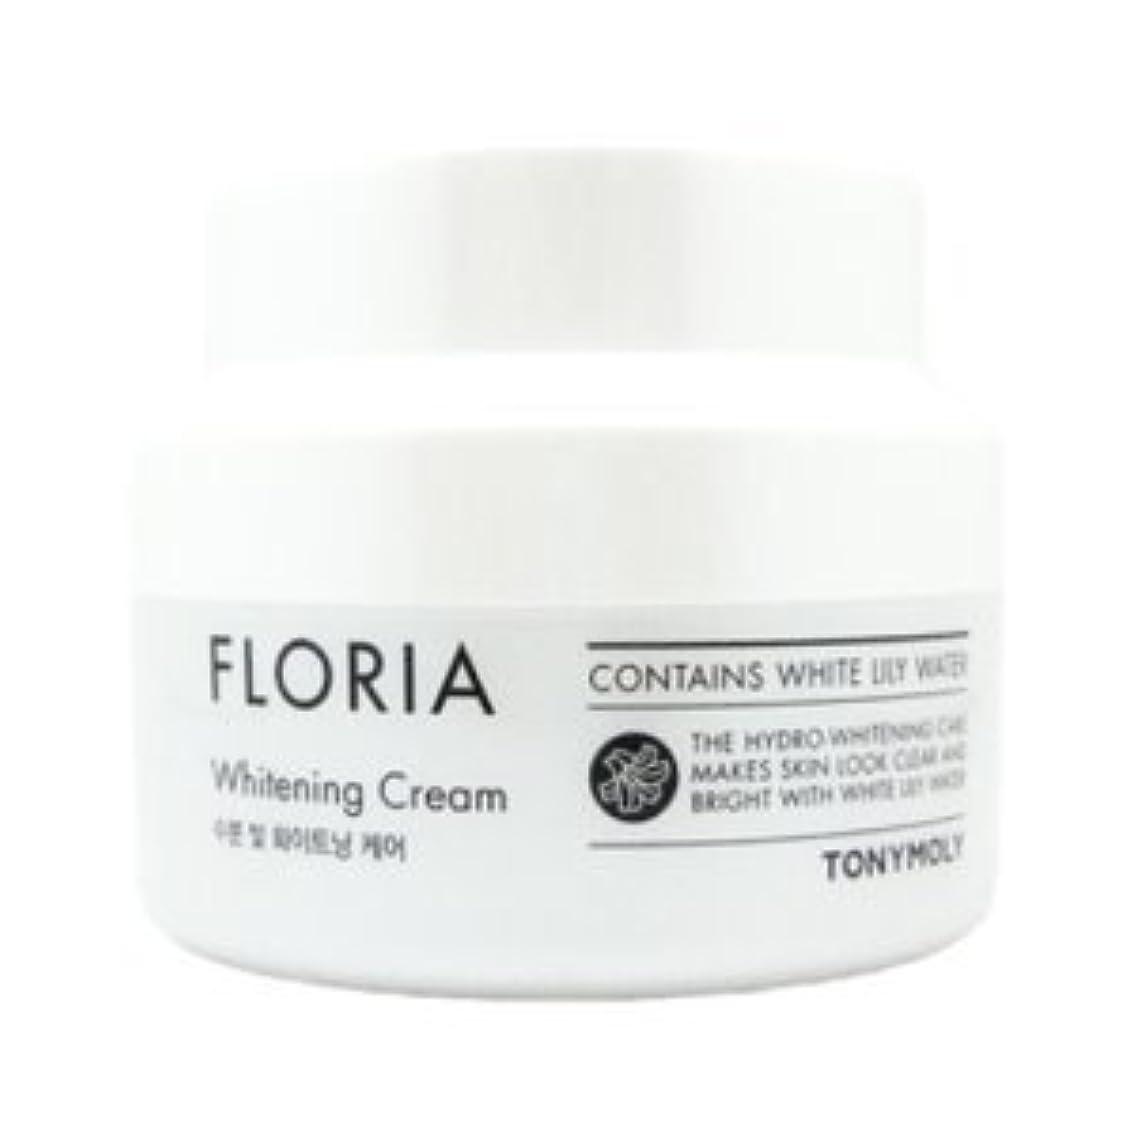 ヒゲ献身勝利したTONYMOLY Floria Whitening Cream 60ml/トニーモリー フロリア ホワイトニング クリーム 60ml [並行輸入品]